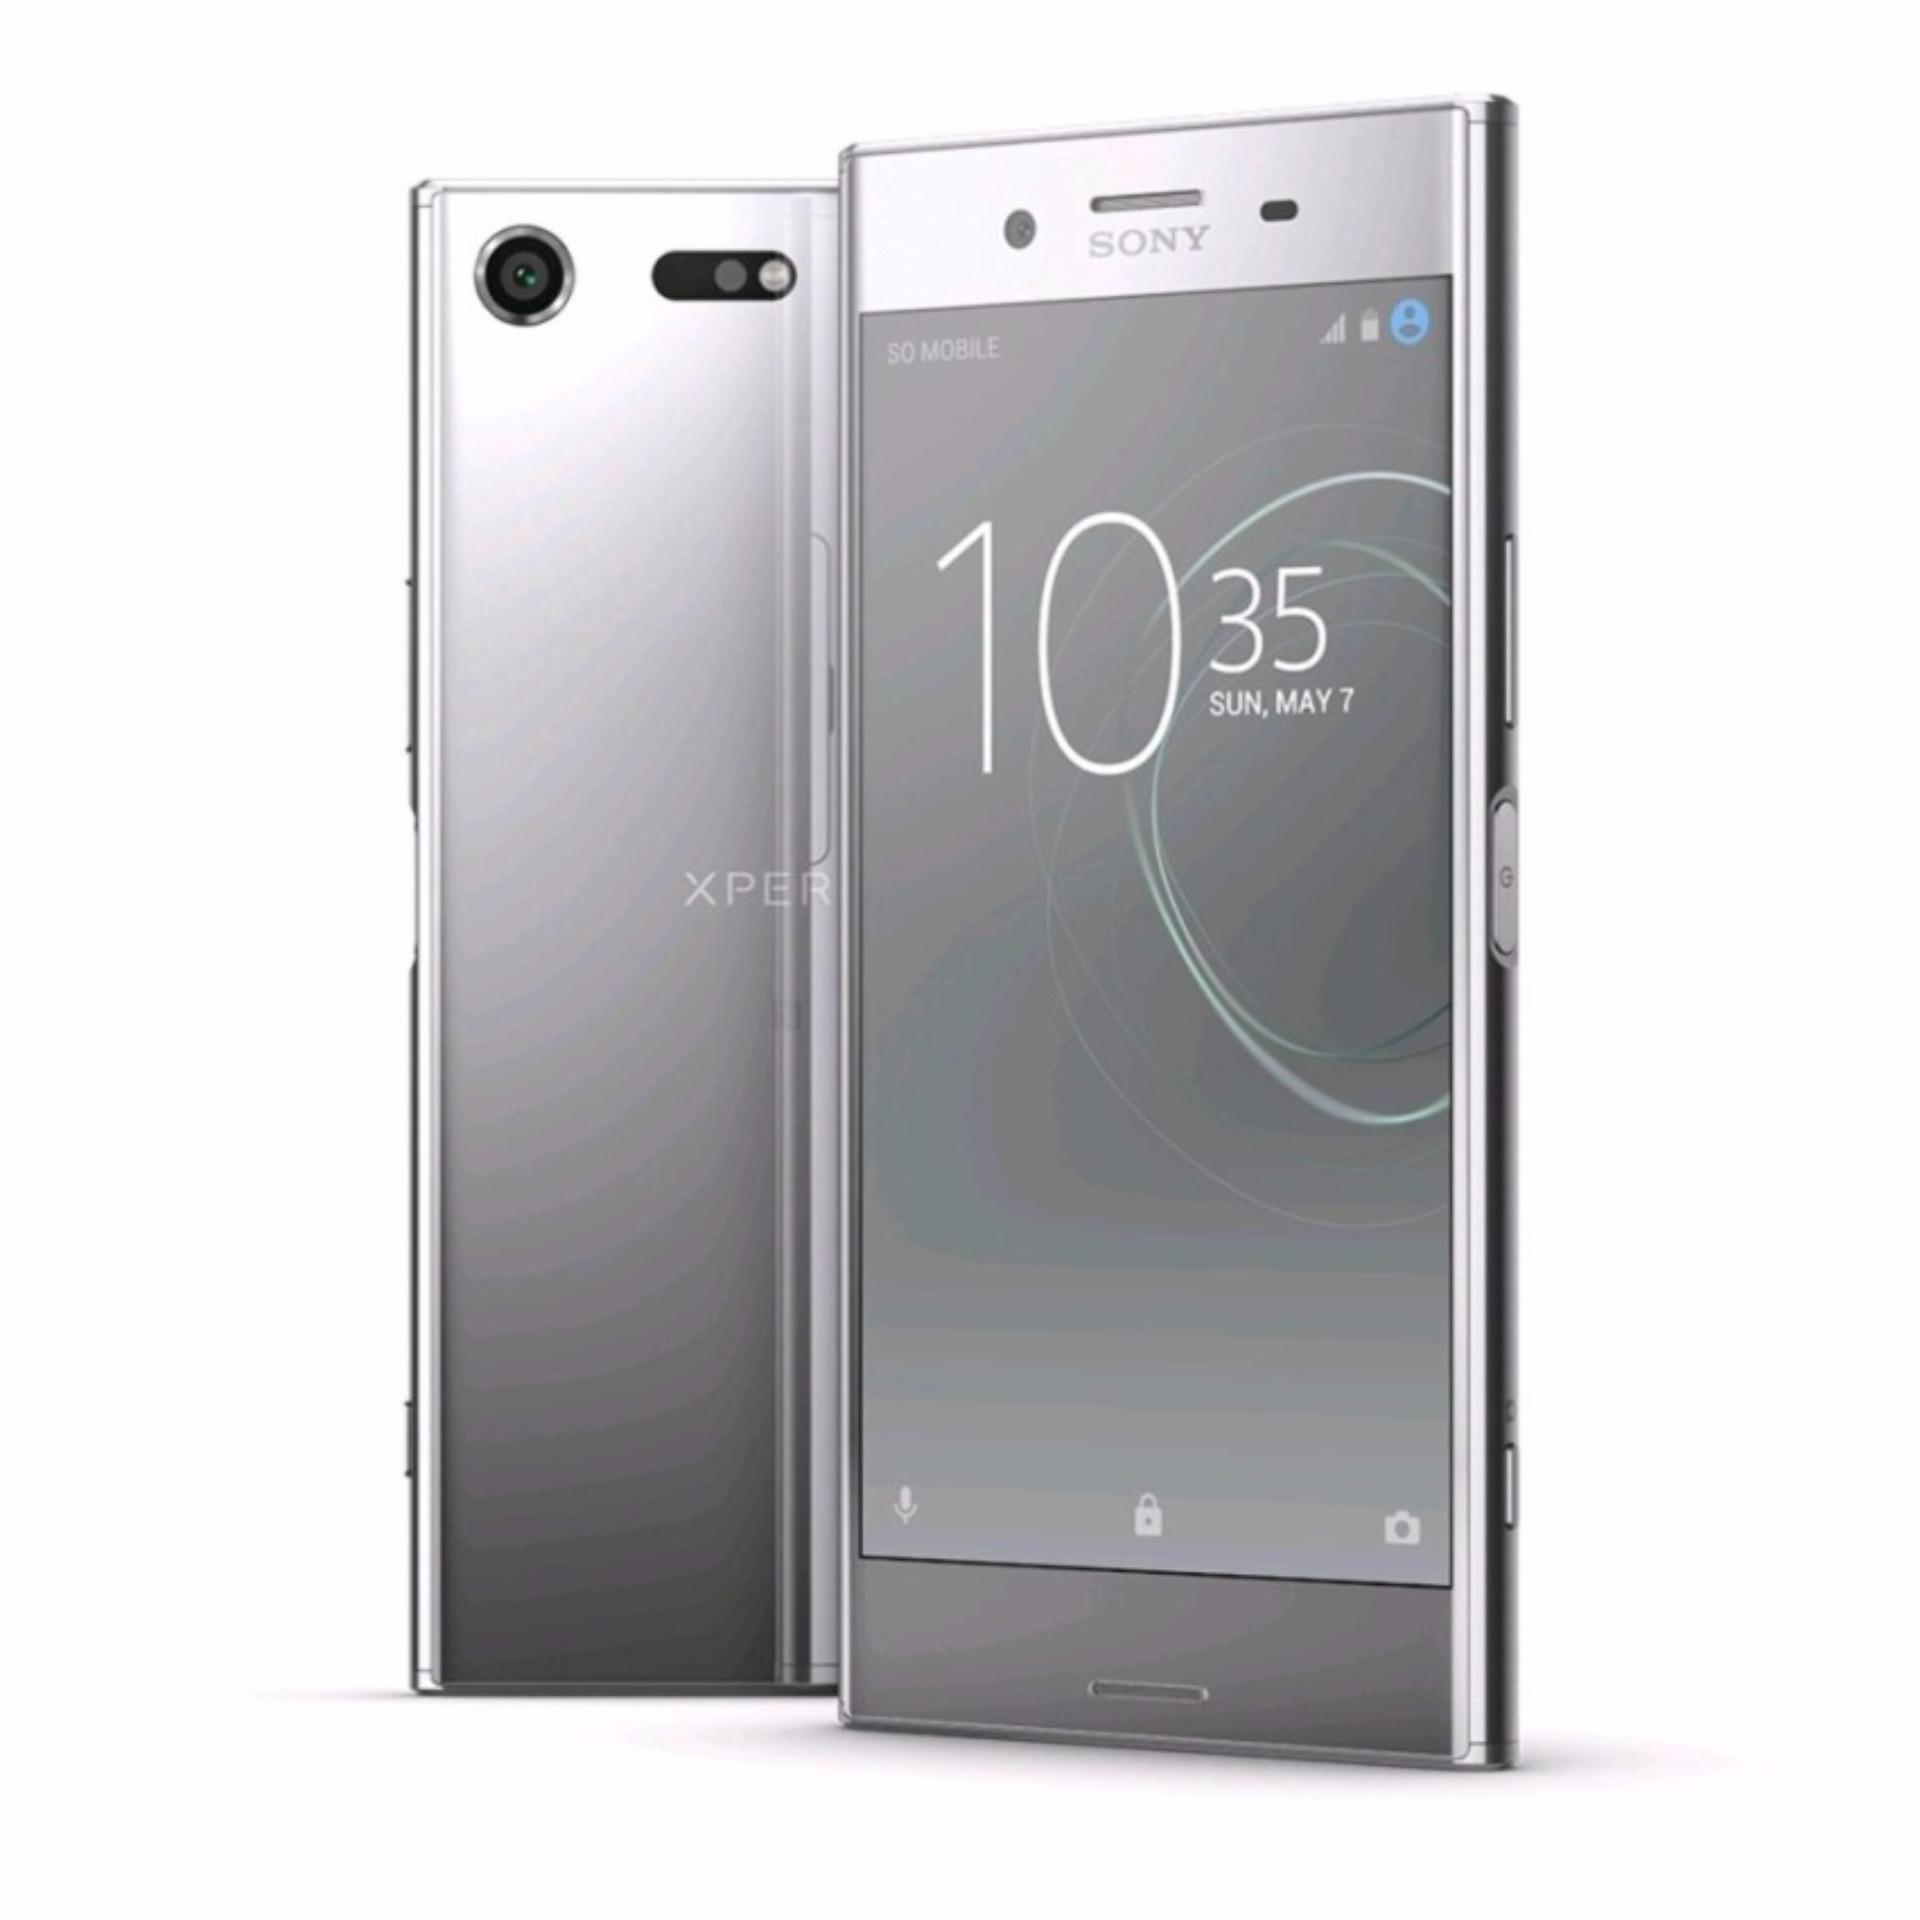 Sony Xperia XZ Premium 4G G8142 Export Set Black